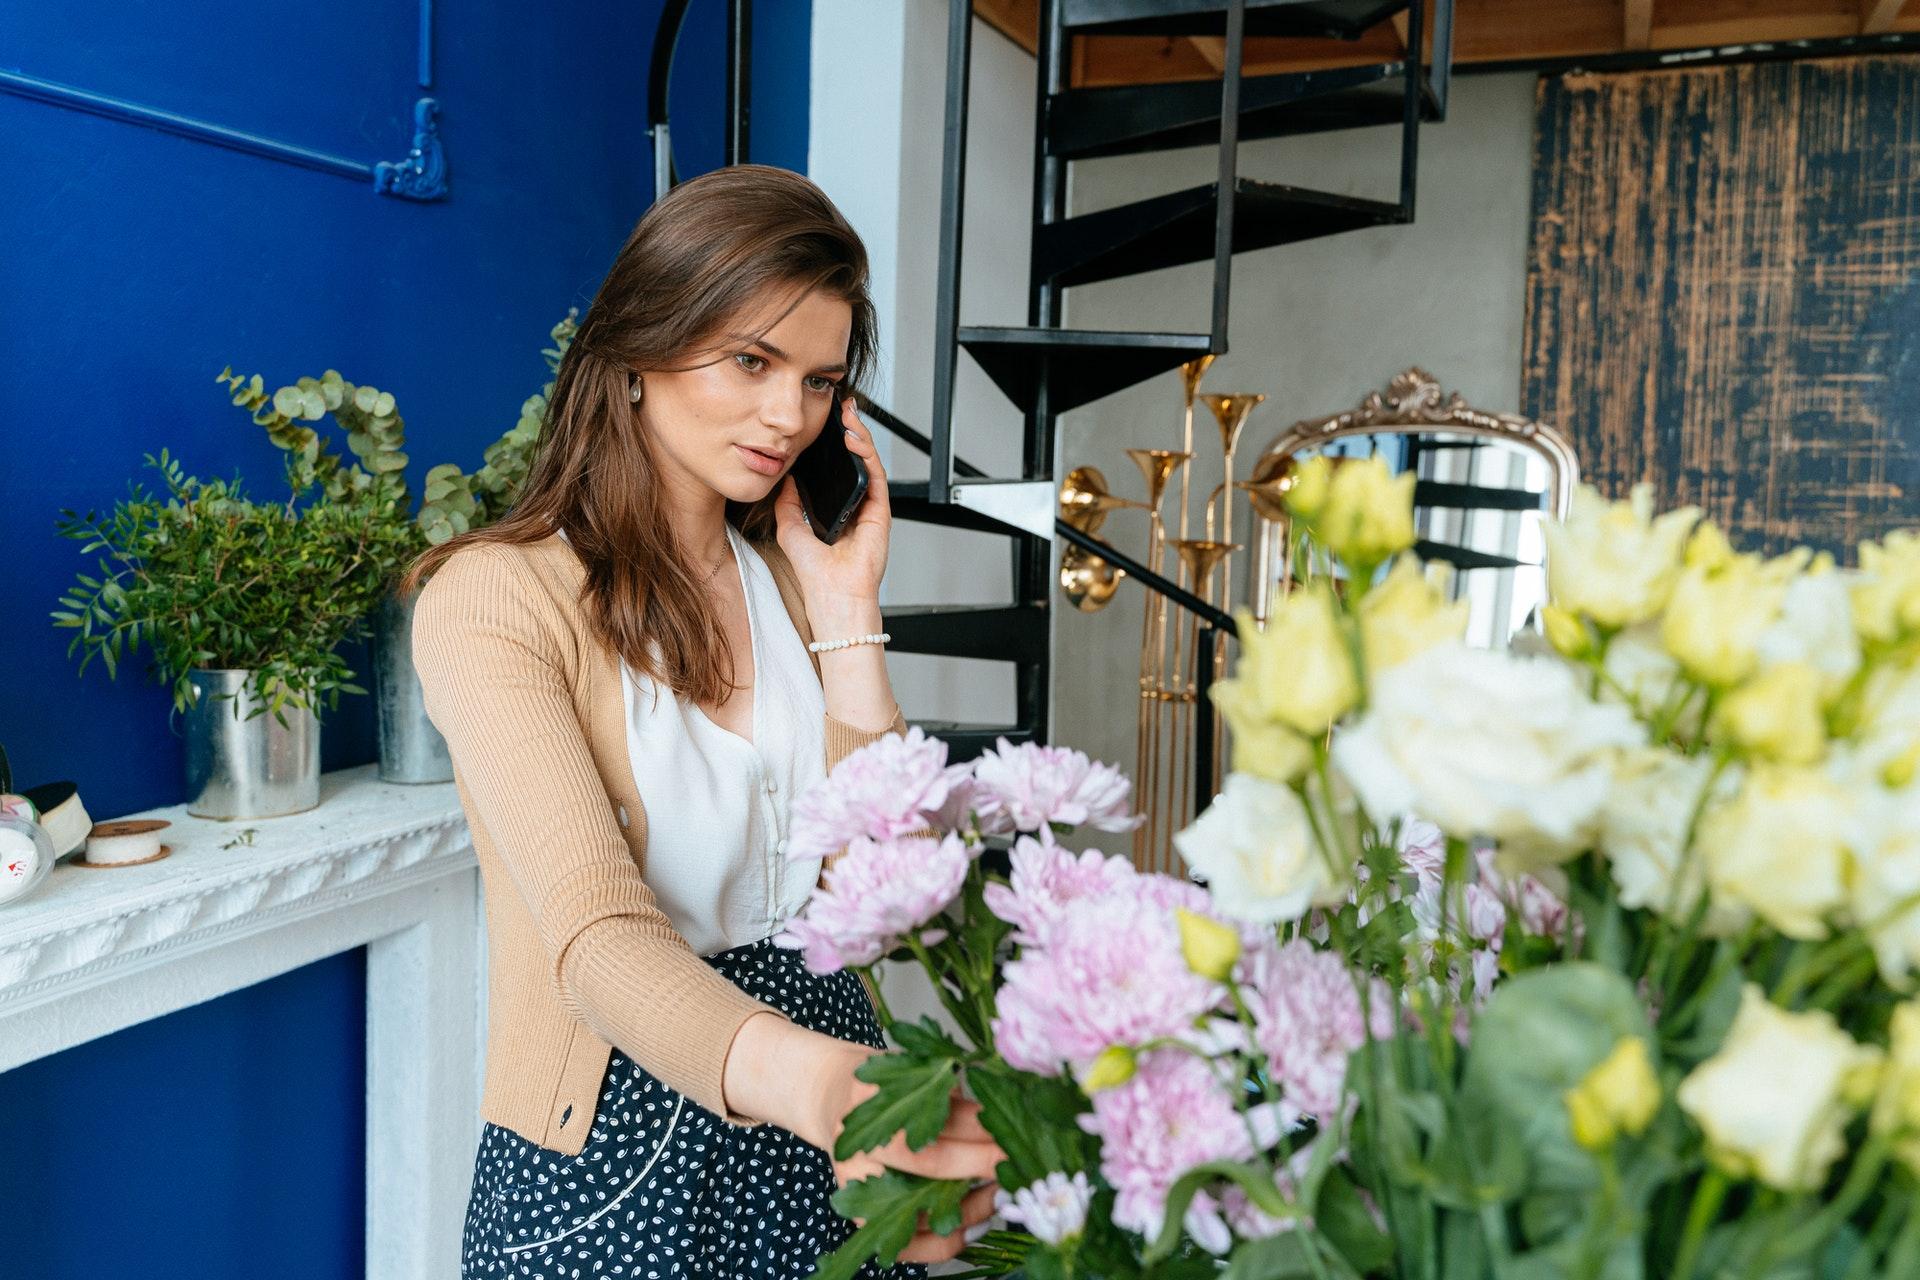 Привітай своїх рідних в Карпатах чи Закарпатті під час відпочинку - для квітів не треба спеціальних умов чи обставин, щоб їх подарувати.